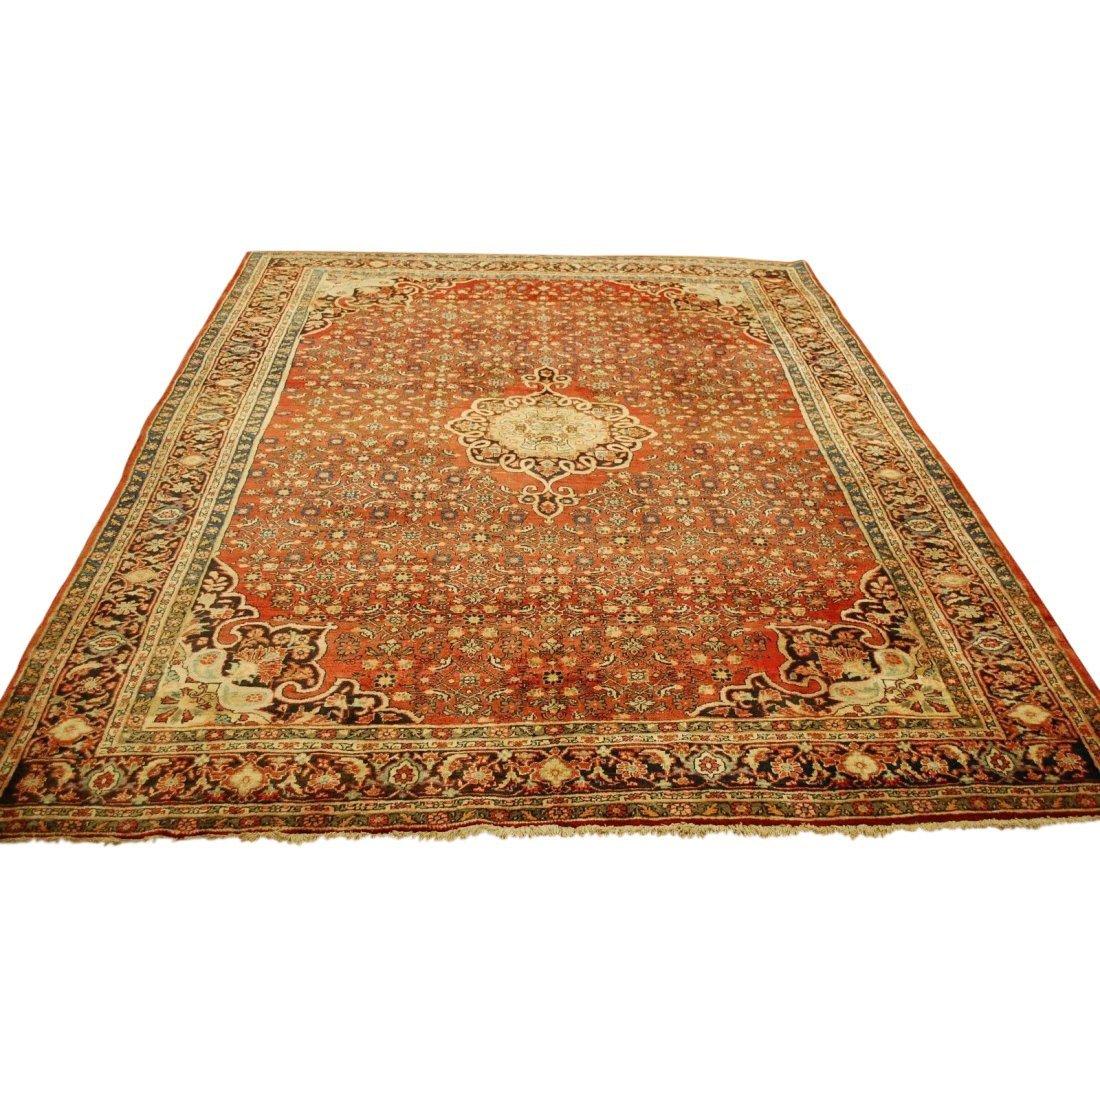 Antique Persian Bijar Rug 7.1x9.5